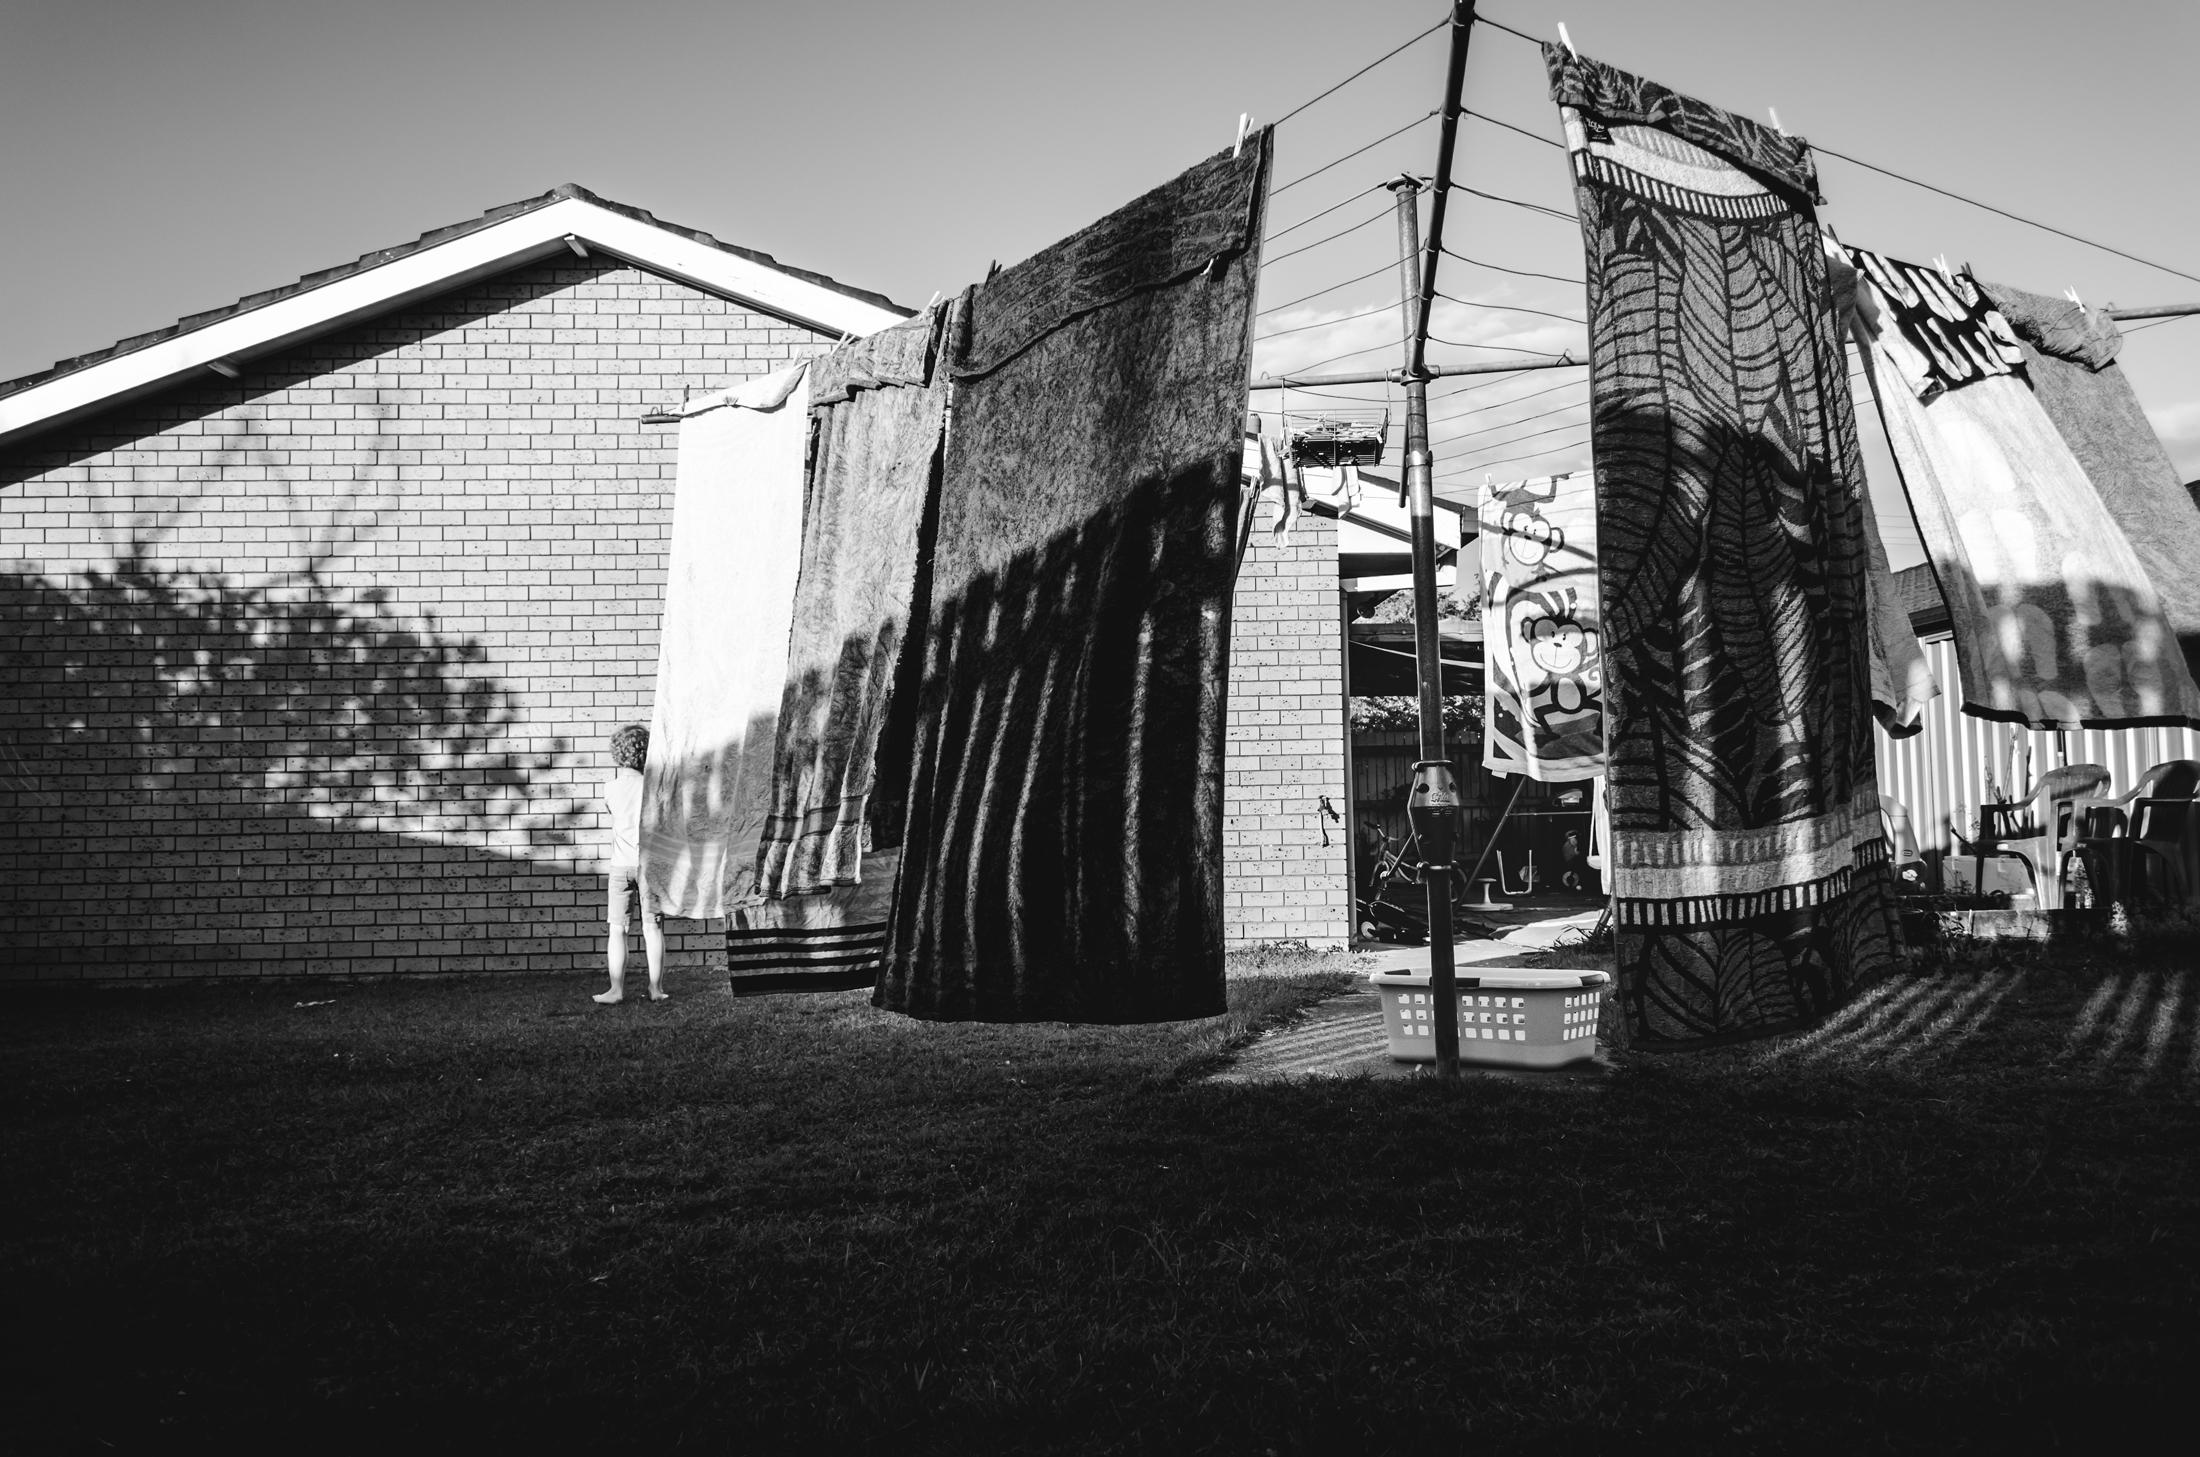 shadows and boy in a suburban Brisbane backyard